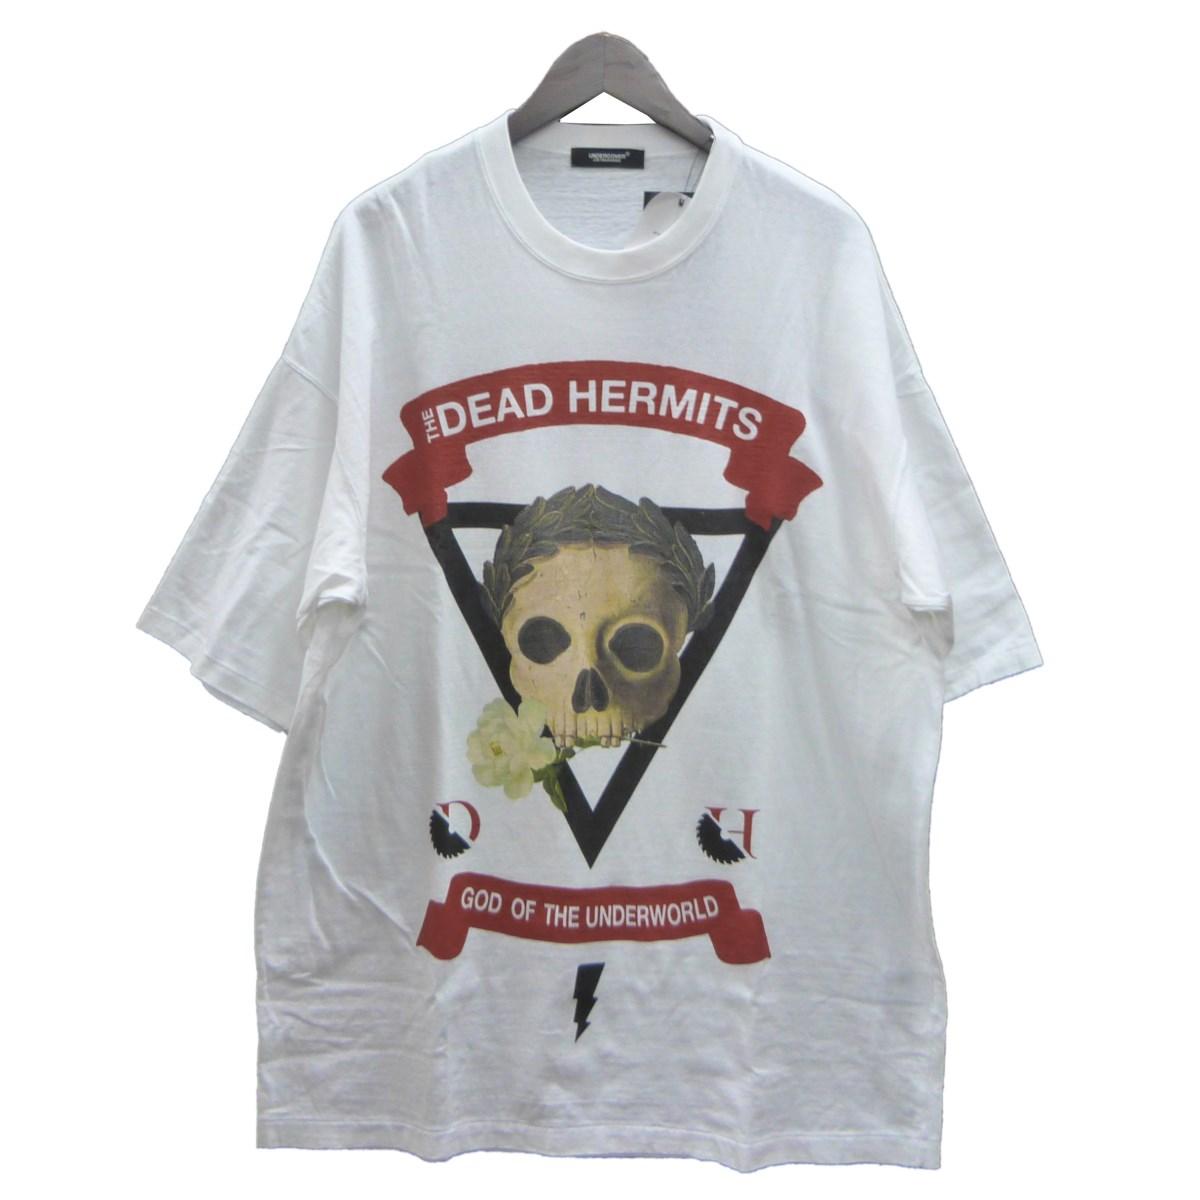 【中古】UNDER COVER UCW4893-3 「BIG TEE THE DEAD HERMITS」Tシャツ ホワイト サイズ:2 【260420】(アンダーカバー)